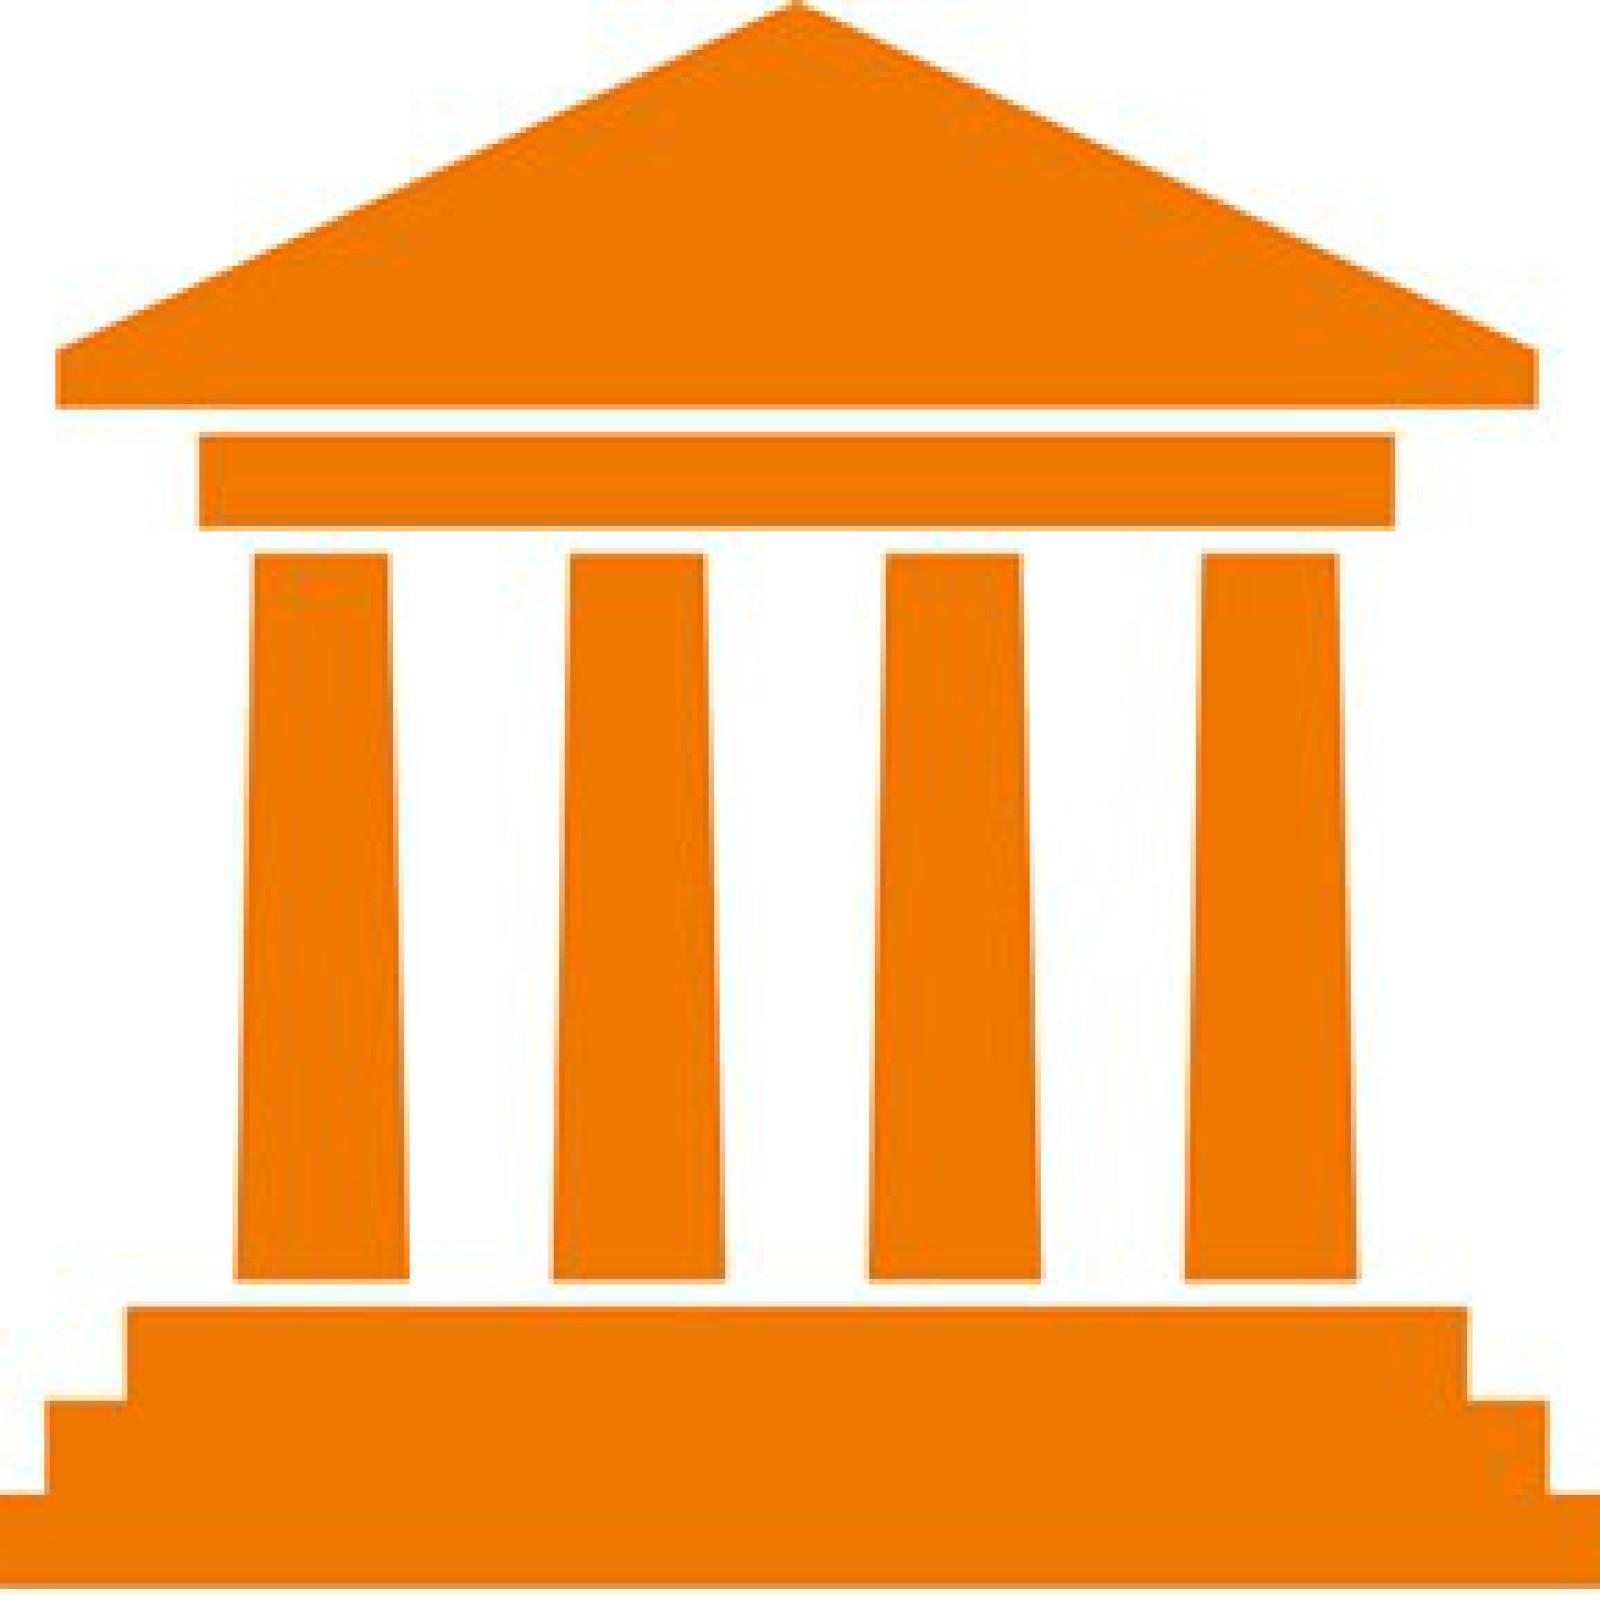 Il debitore esecutato non può accedere al gratuito patrocinio: Trib. Verona 27/11/2019